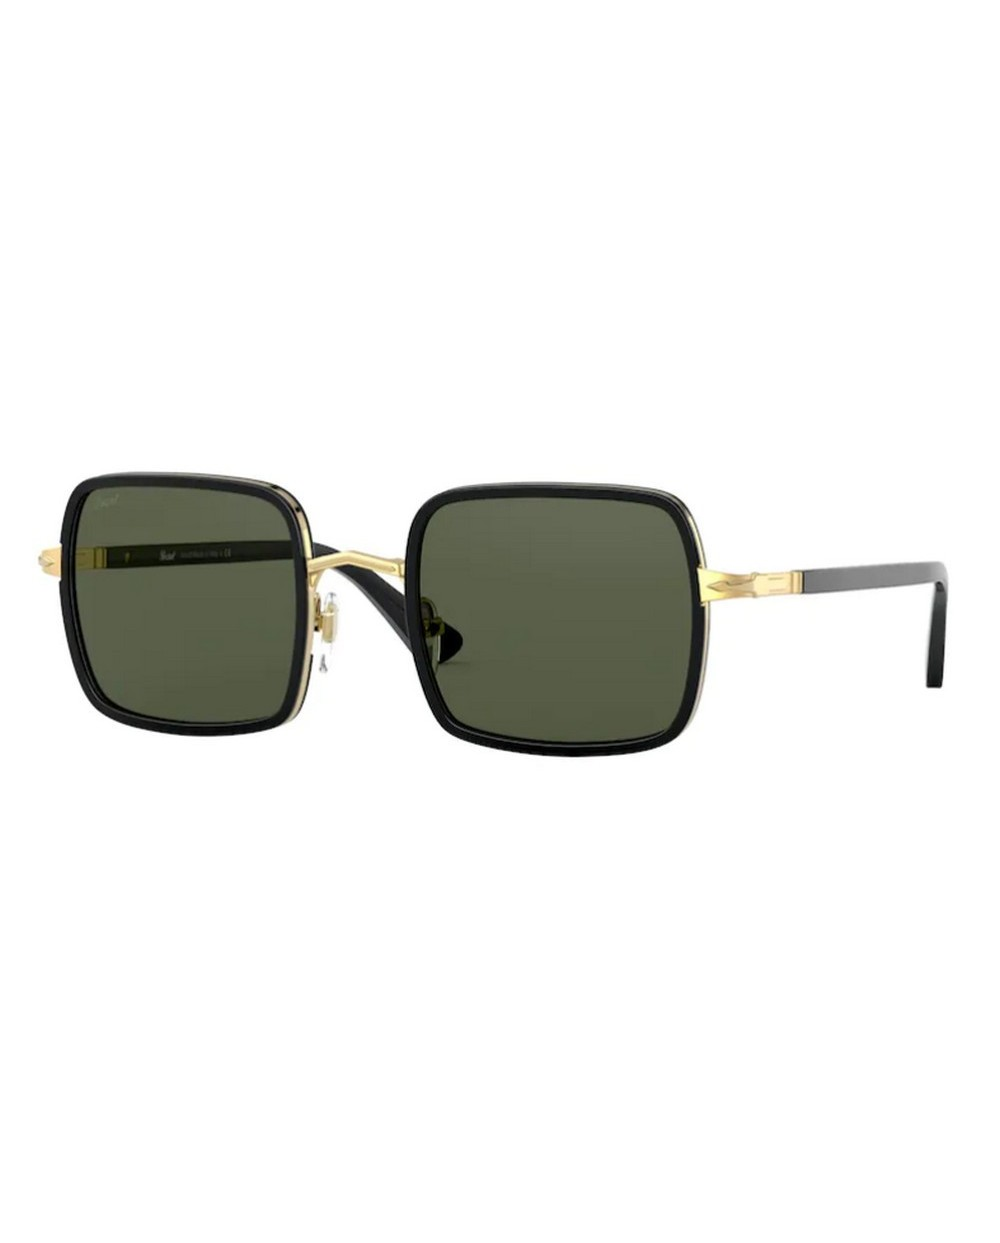 Occhiale da sole Persol PO 2475S confezione originale garanzia Italia